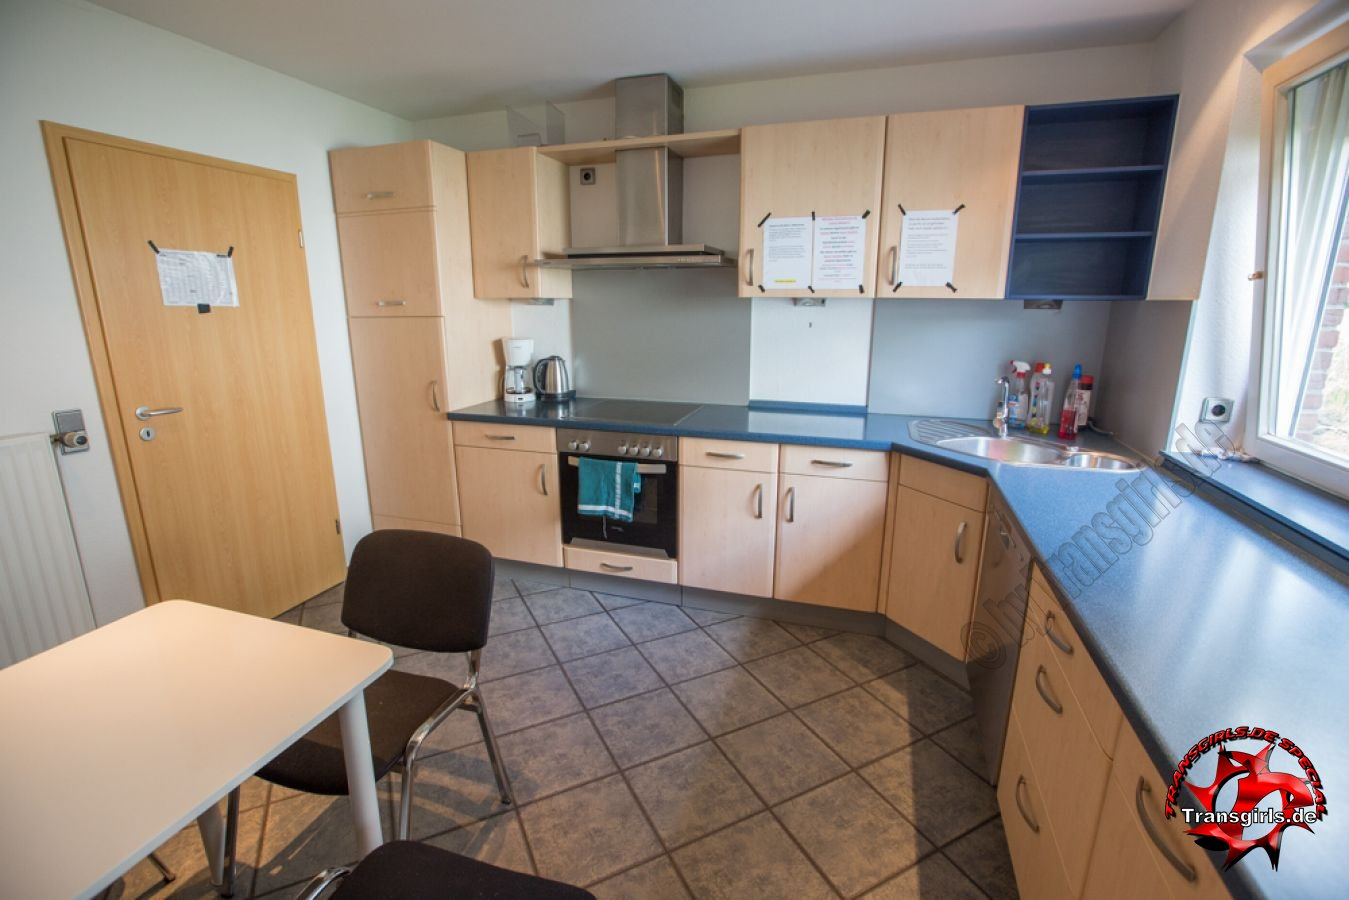 Fotos Bilder von Appartement Rendsburg Vermietung von Arbeitswohnungen für Shemales Transen TS TV Ladies in Rendsburg Ortsteil nicht angegeben